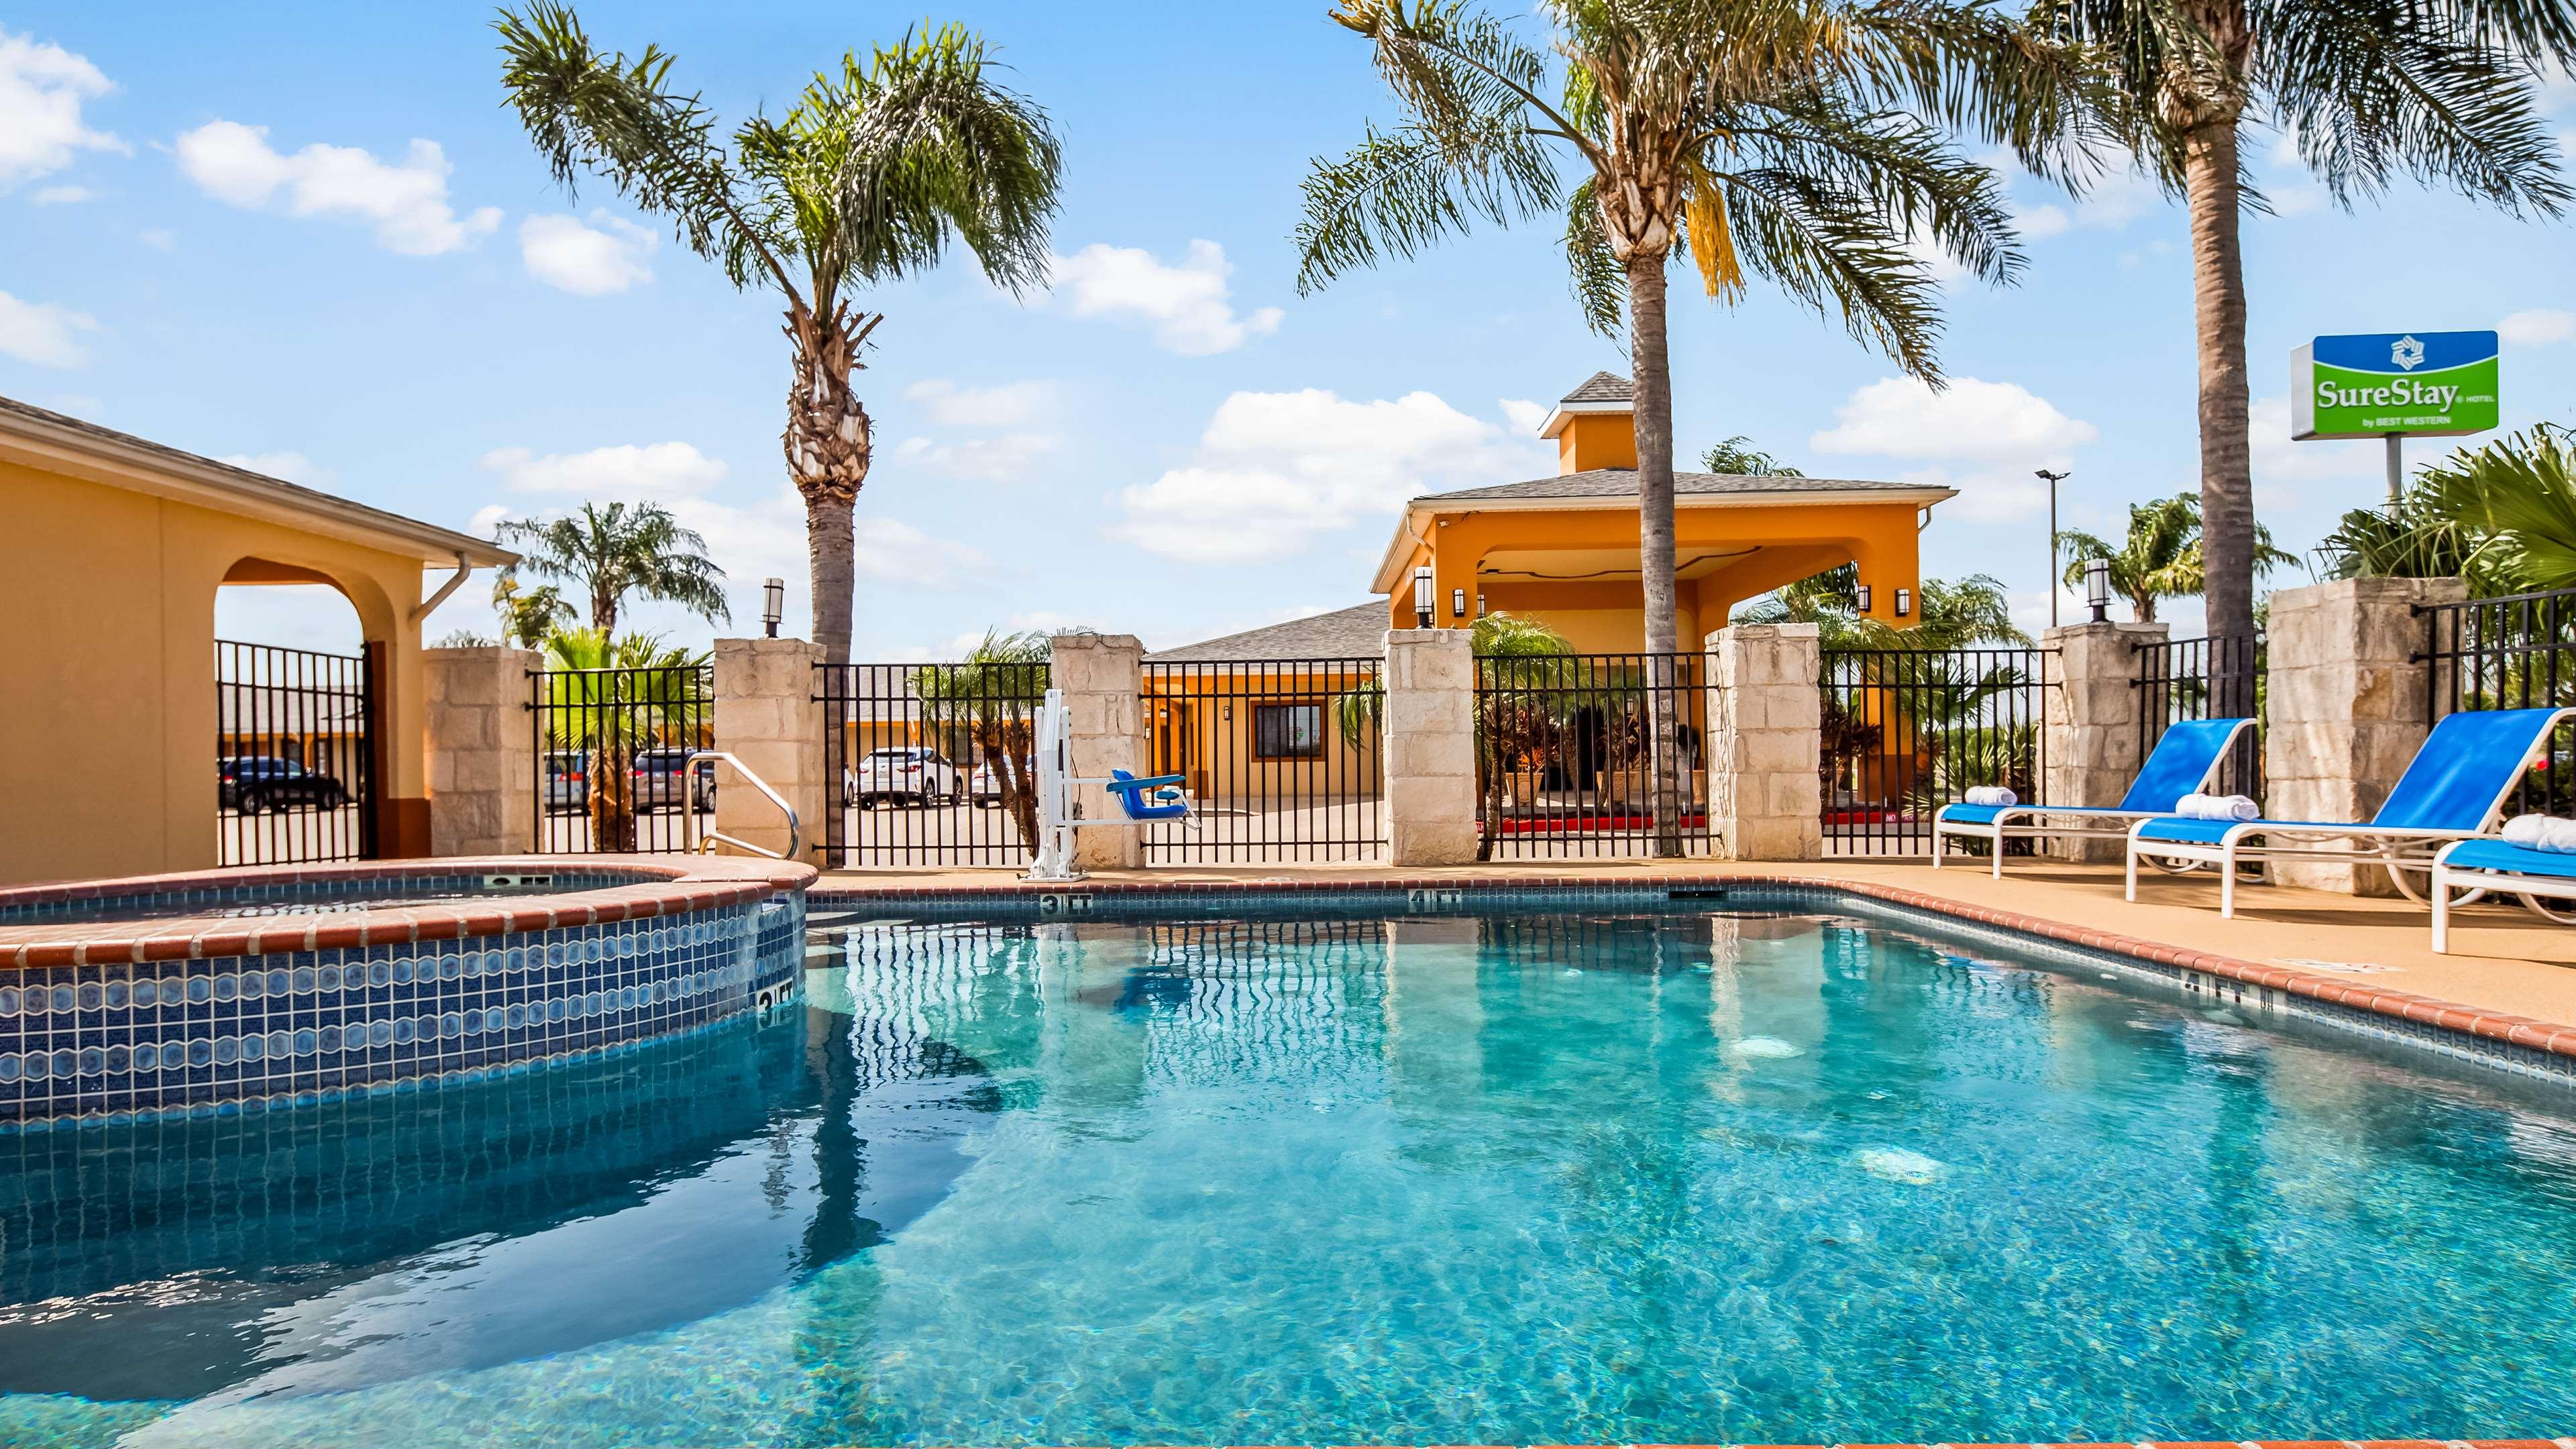 SureStay Hotel by Best Western Falfurrias image 23